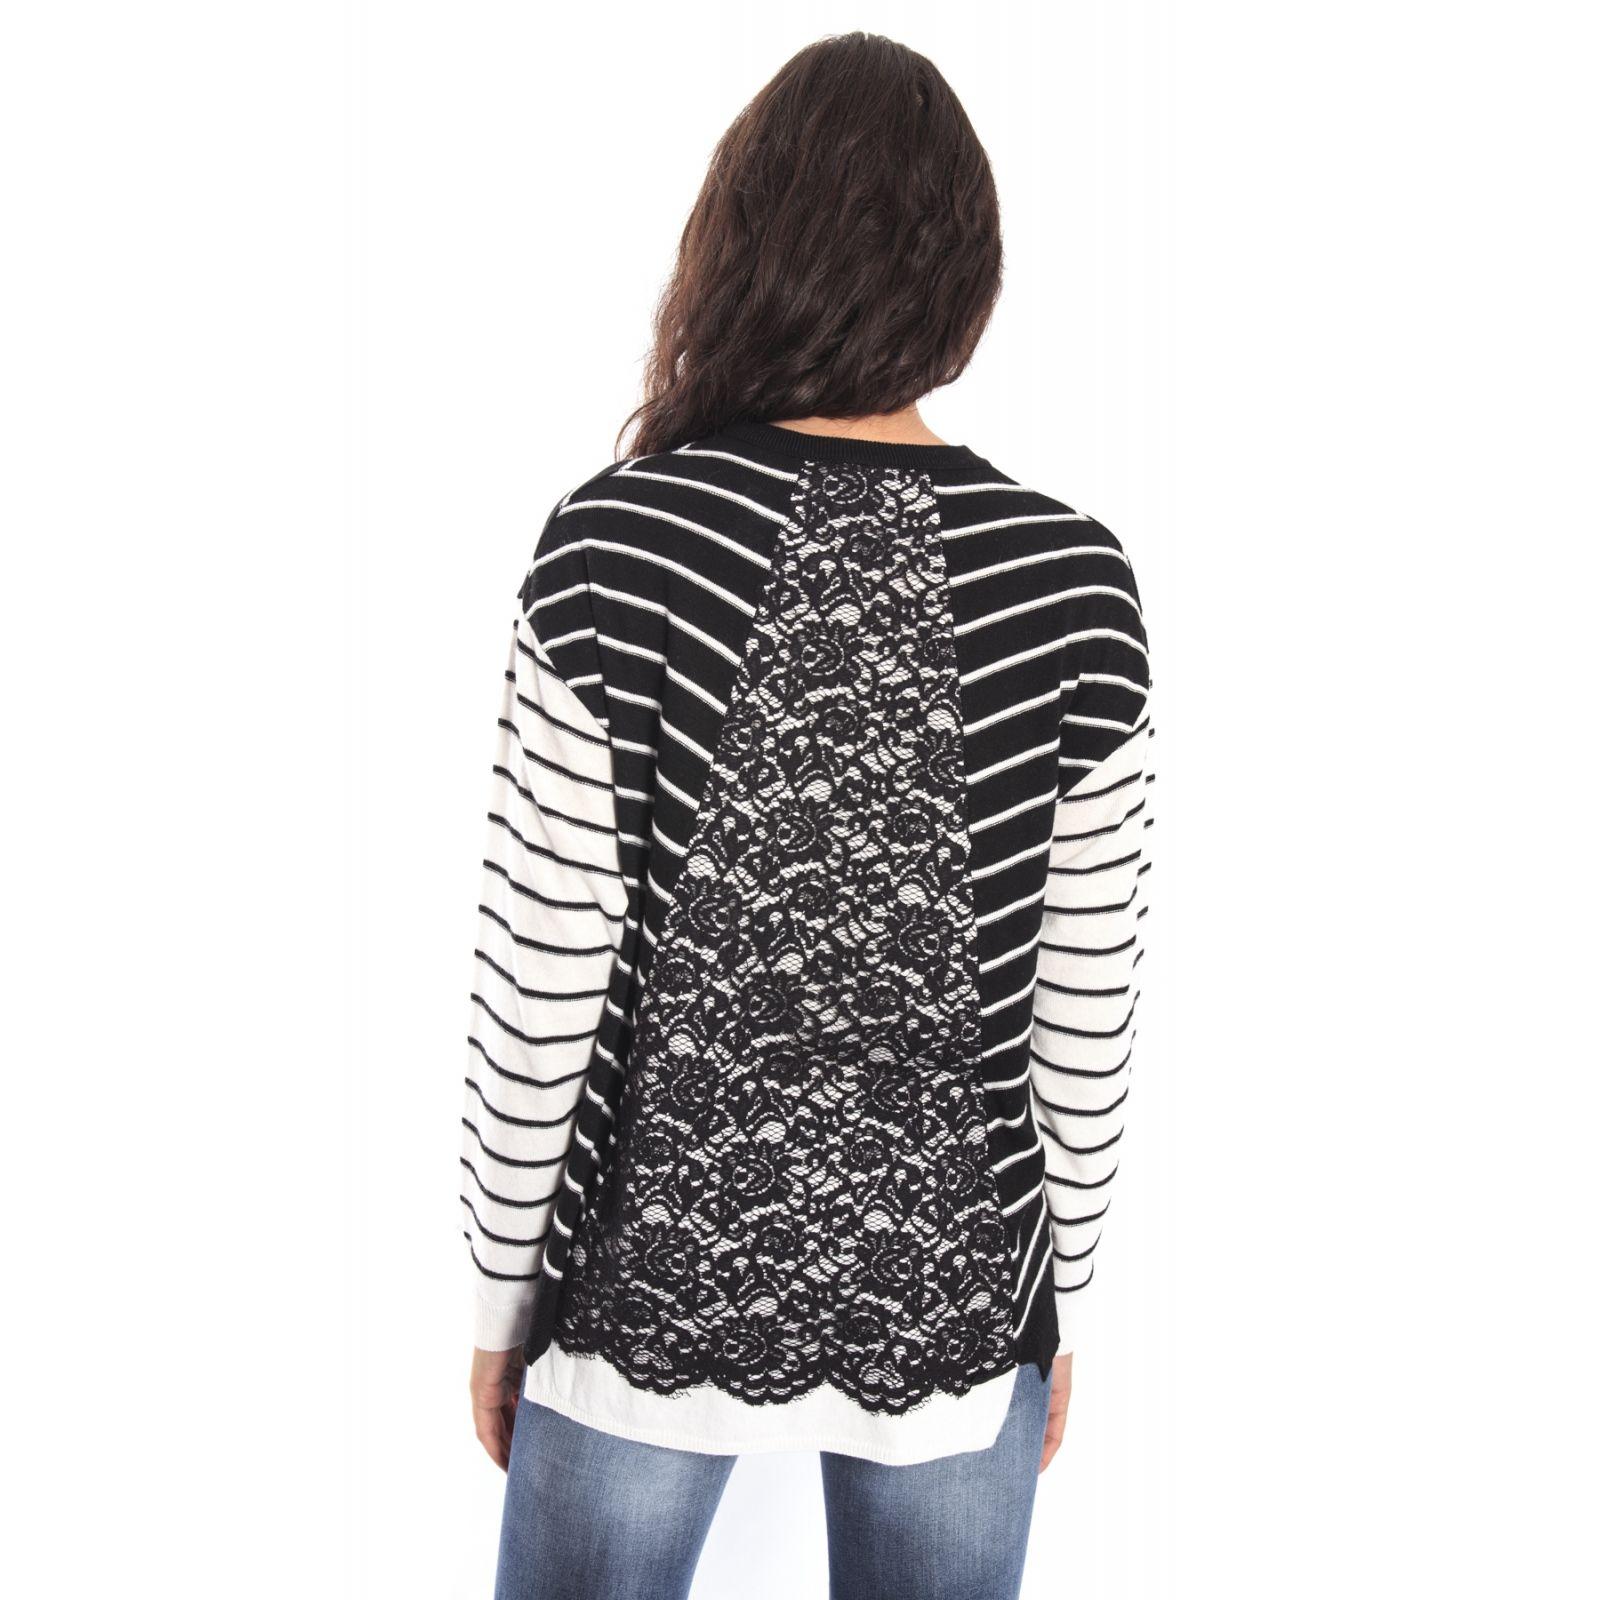 DENNY ROSE Maxi maglia a righe NERO e BIANCO 52DR51010  343e0b9d5b3